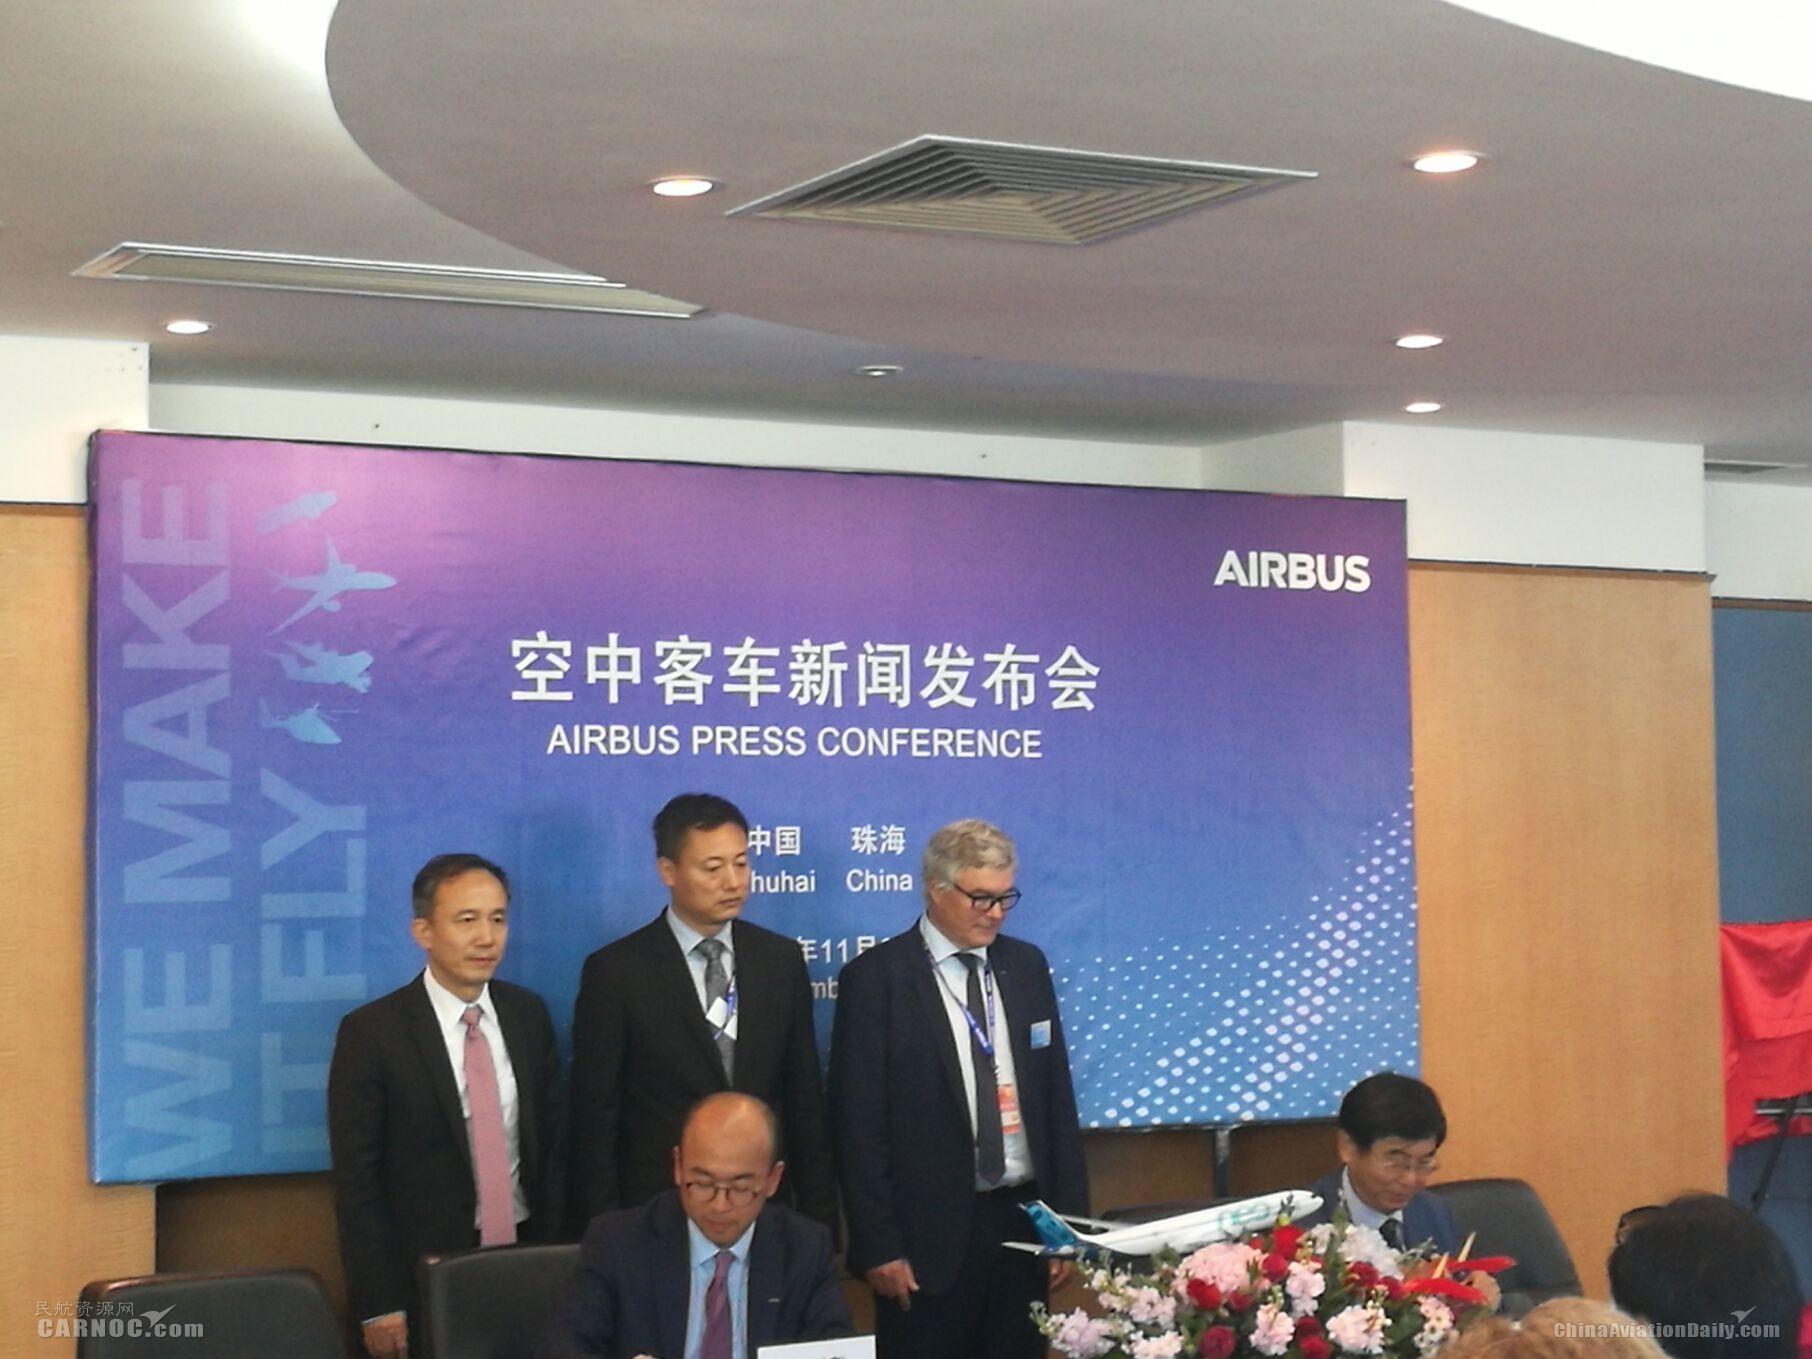 空客与南京航空航天大学签署智能结构技术联合研发及设立联合实验室的合作协议